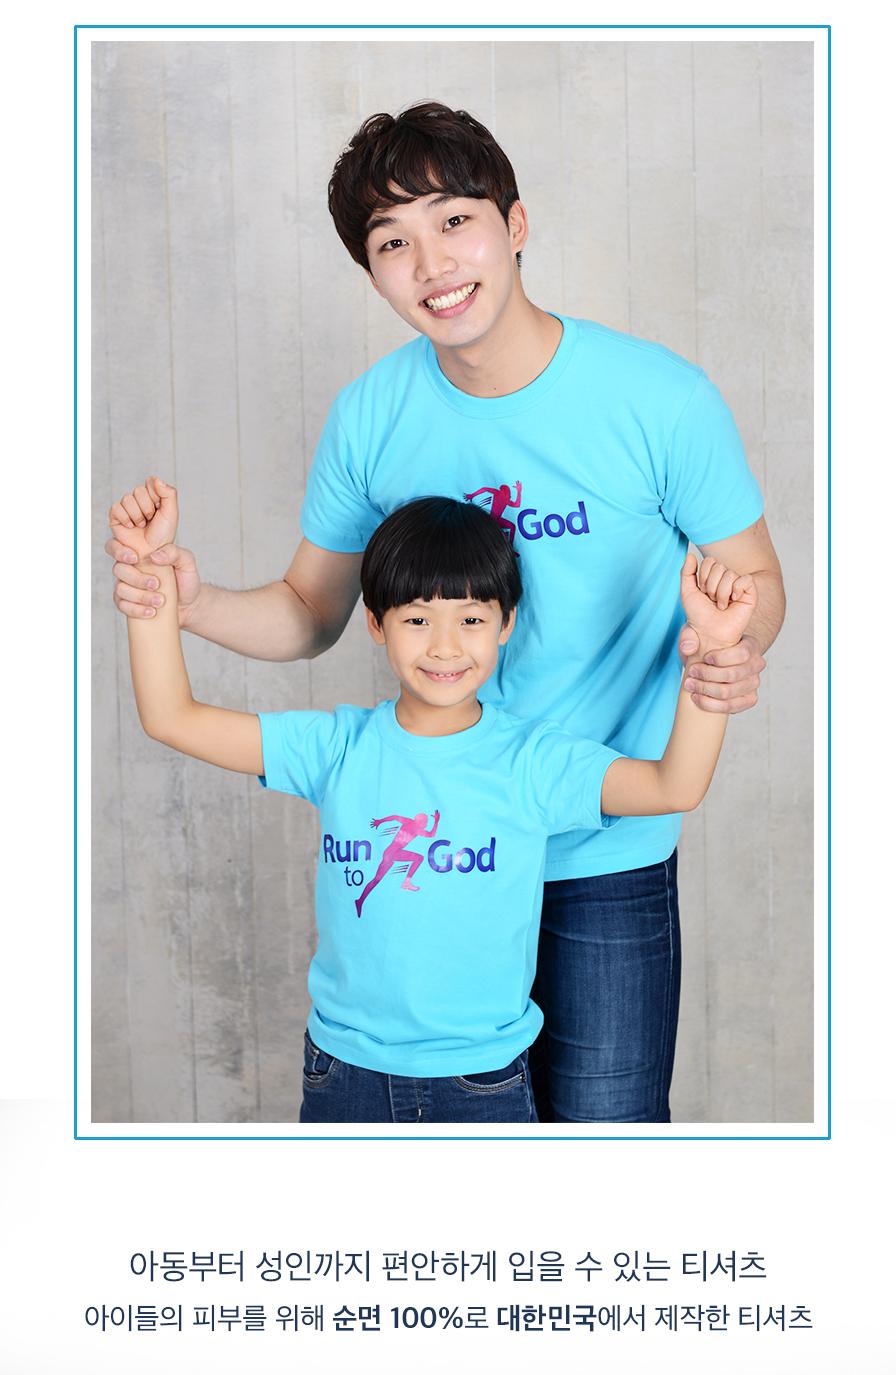 아동부터 성인까지 편하게 입는 교회단체티 Run to God